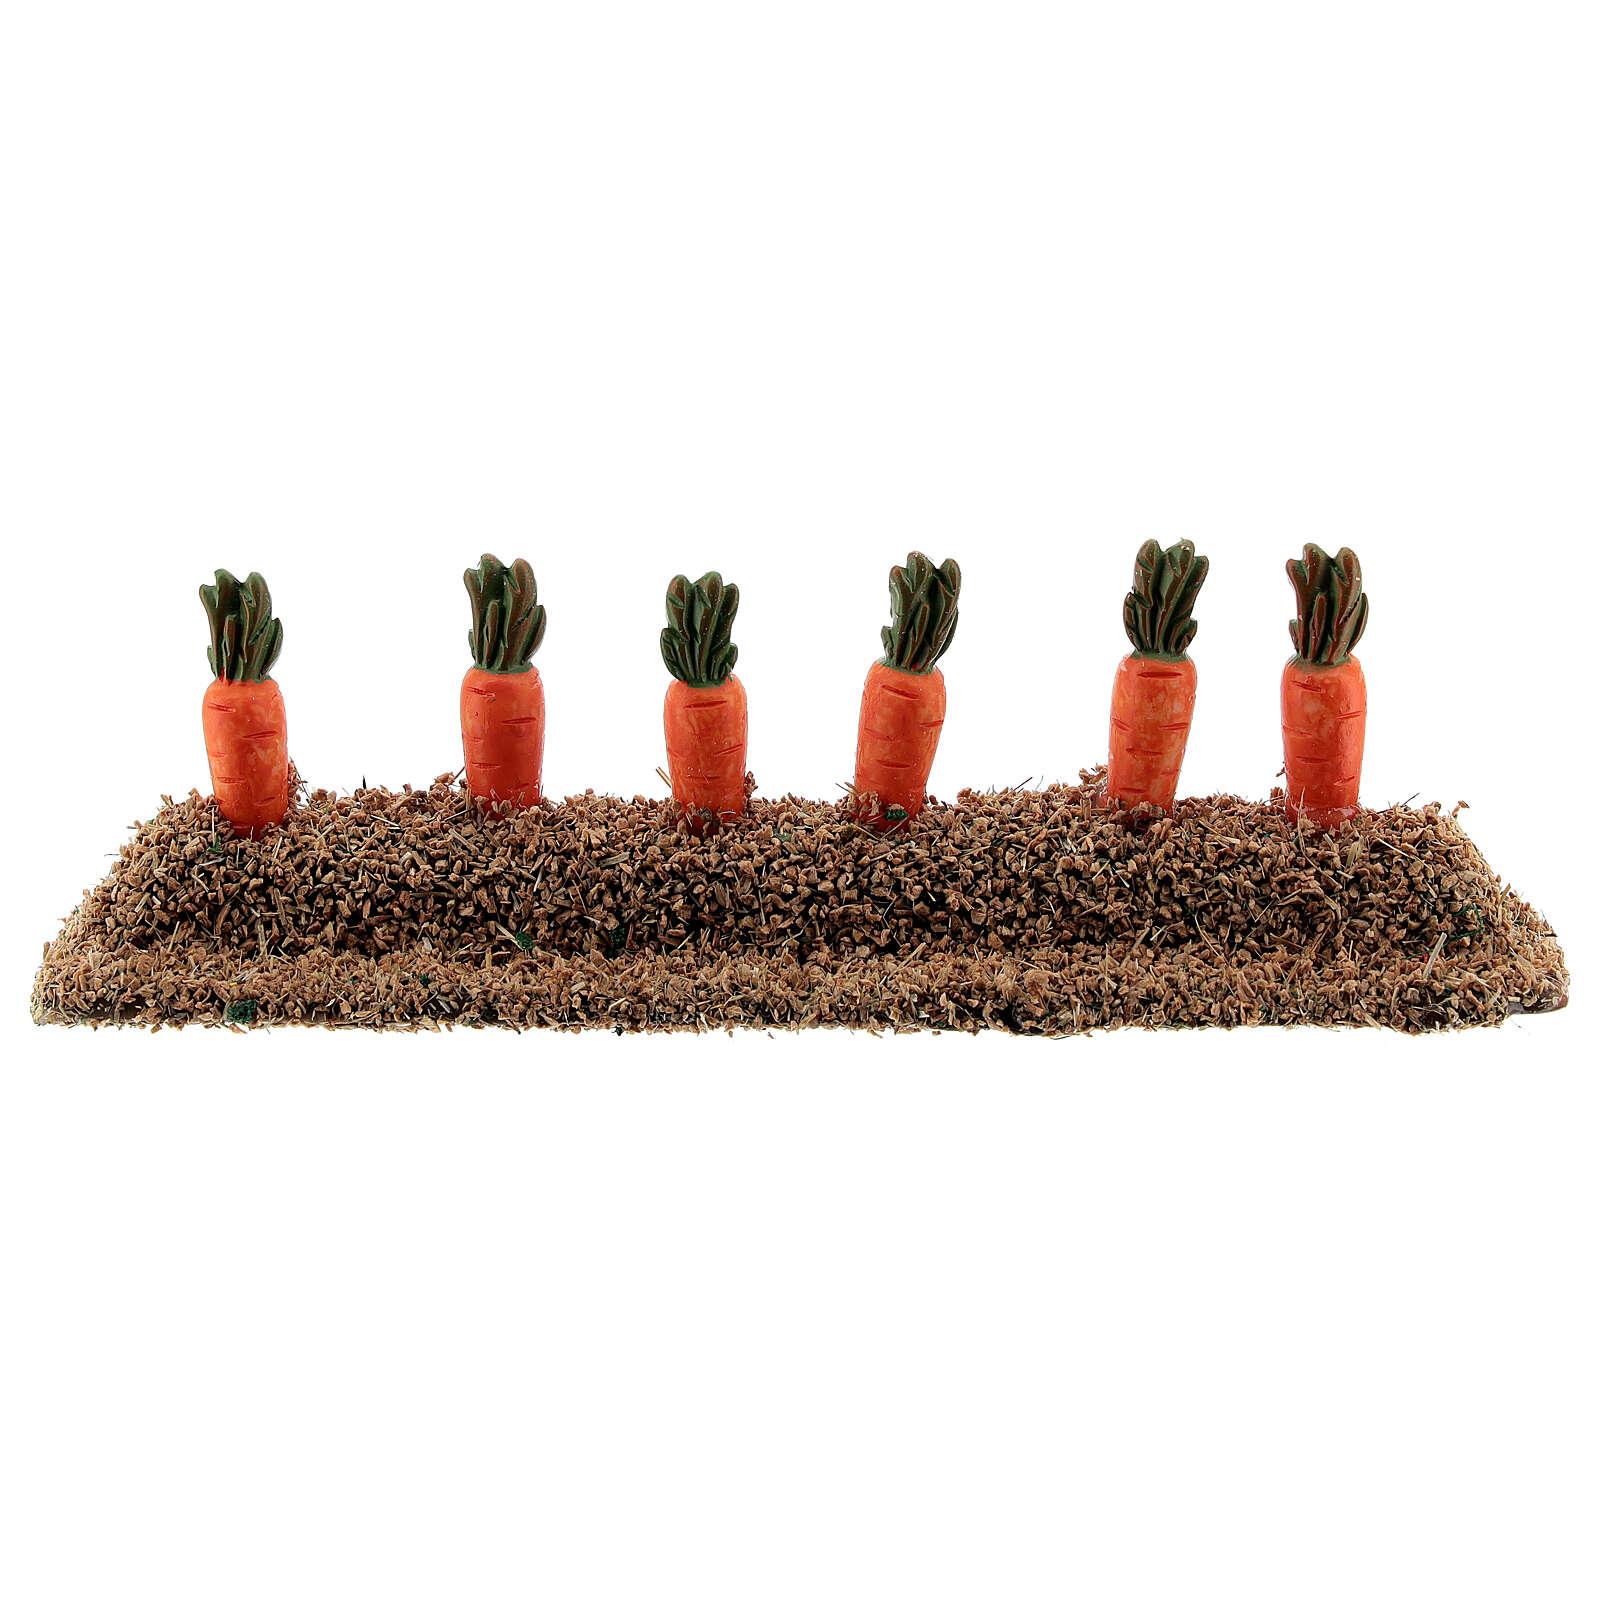 Morceau potager carottes résine 10-14 cm 4